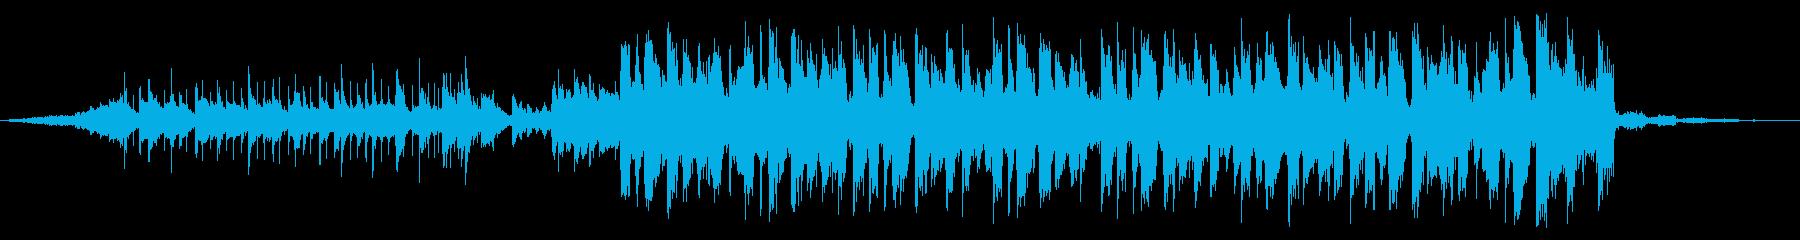 夏 海 ハウス 声ネタ無し30秒版の再生済みの波形